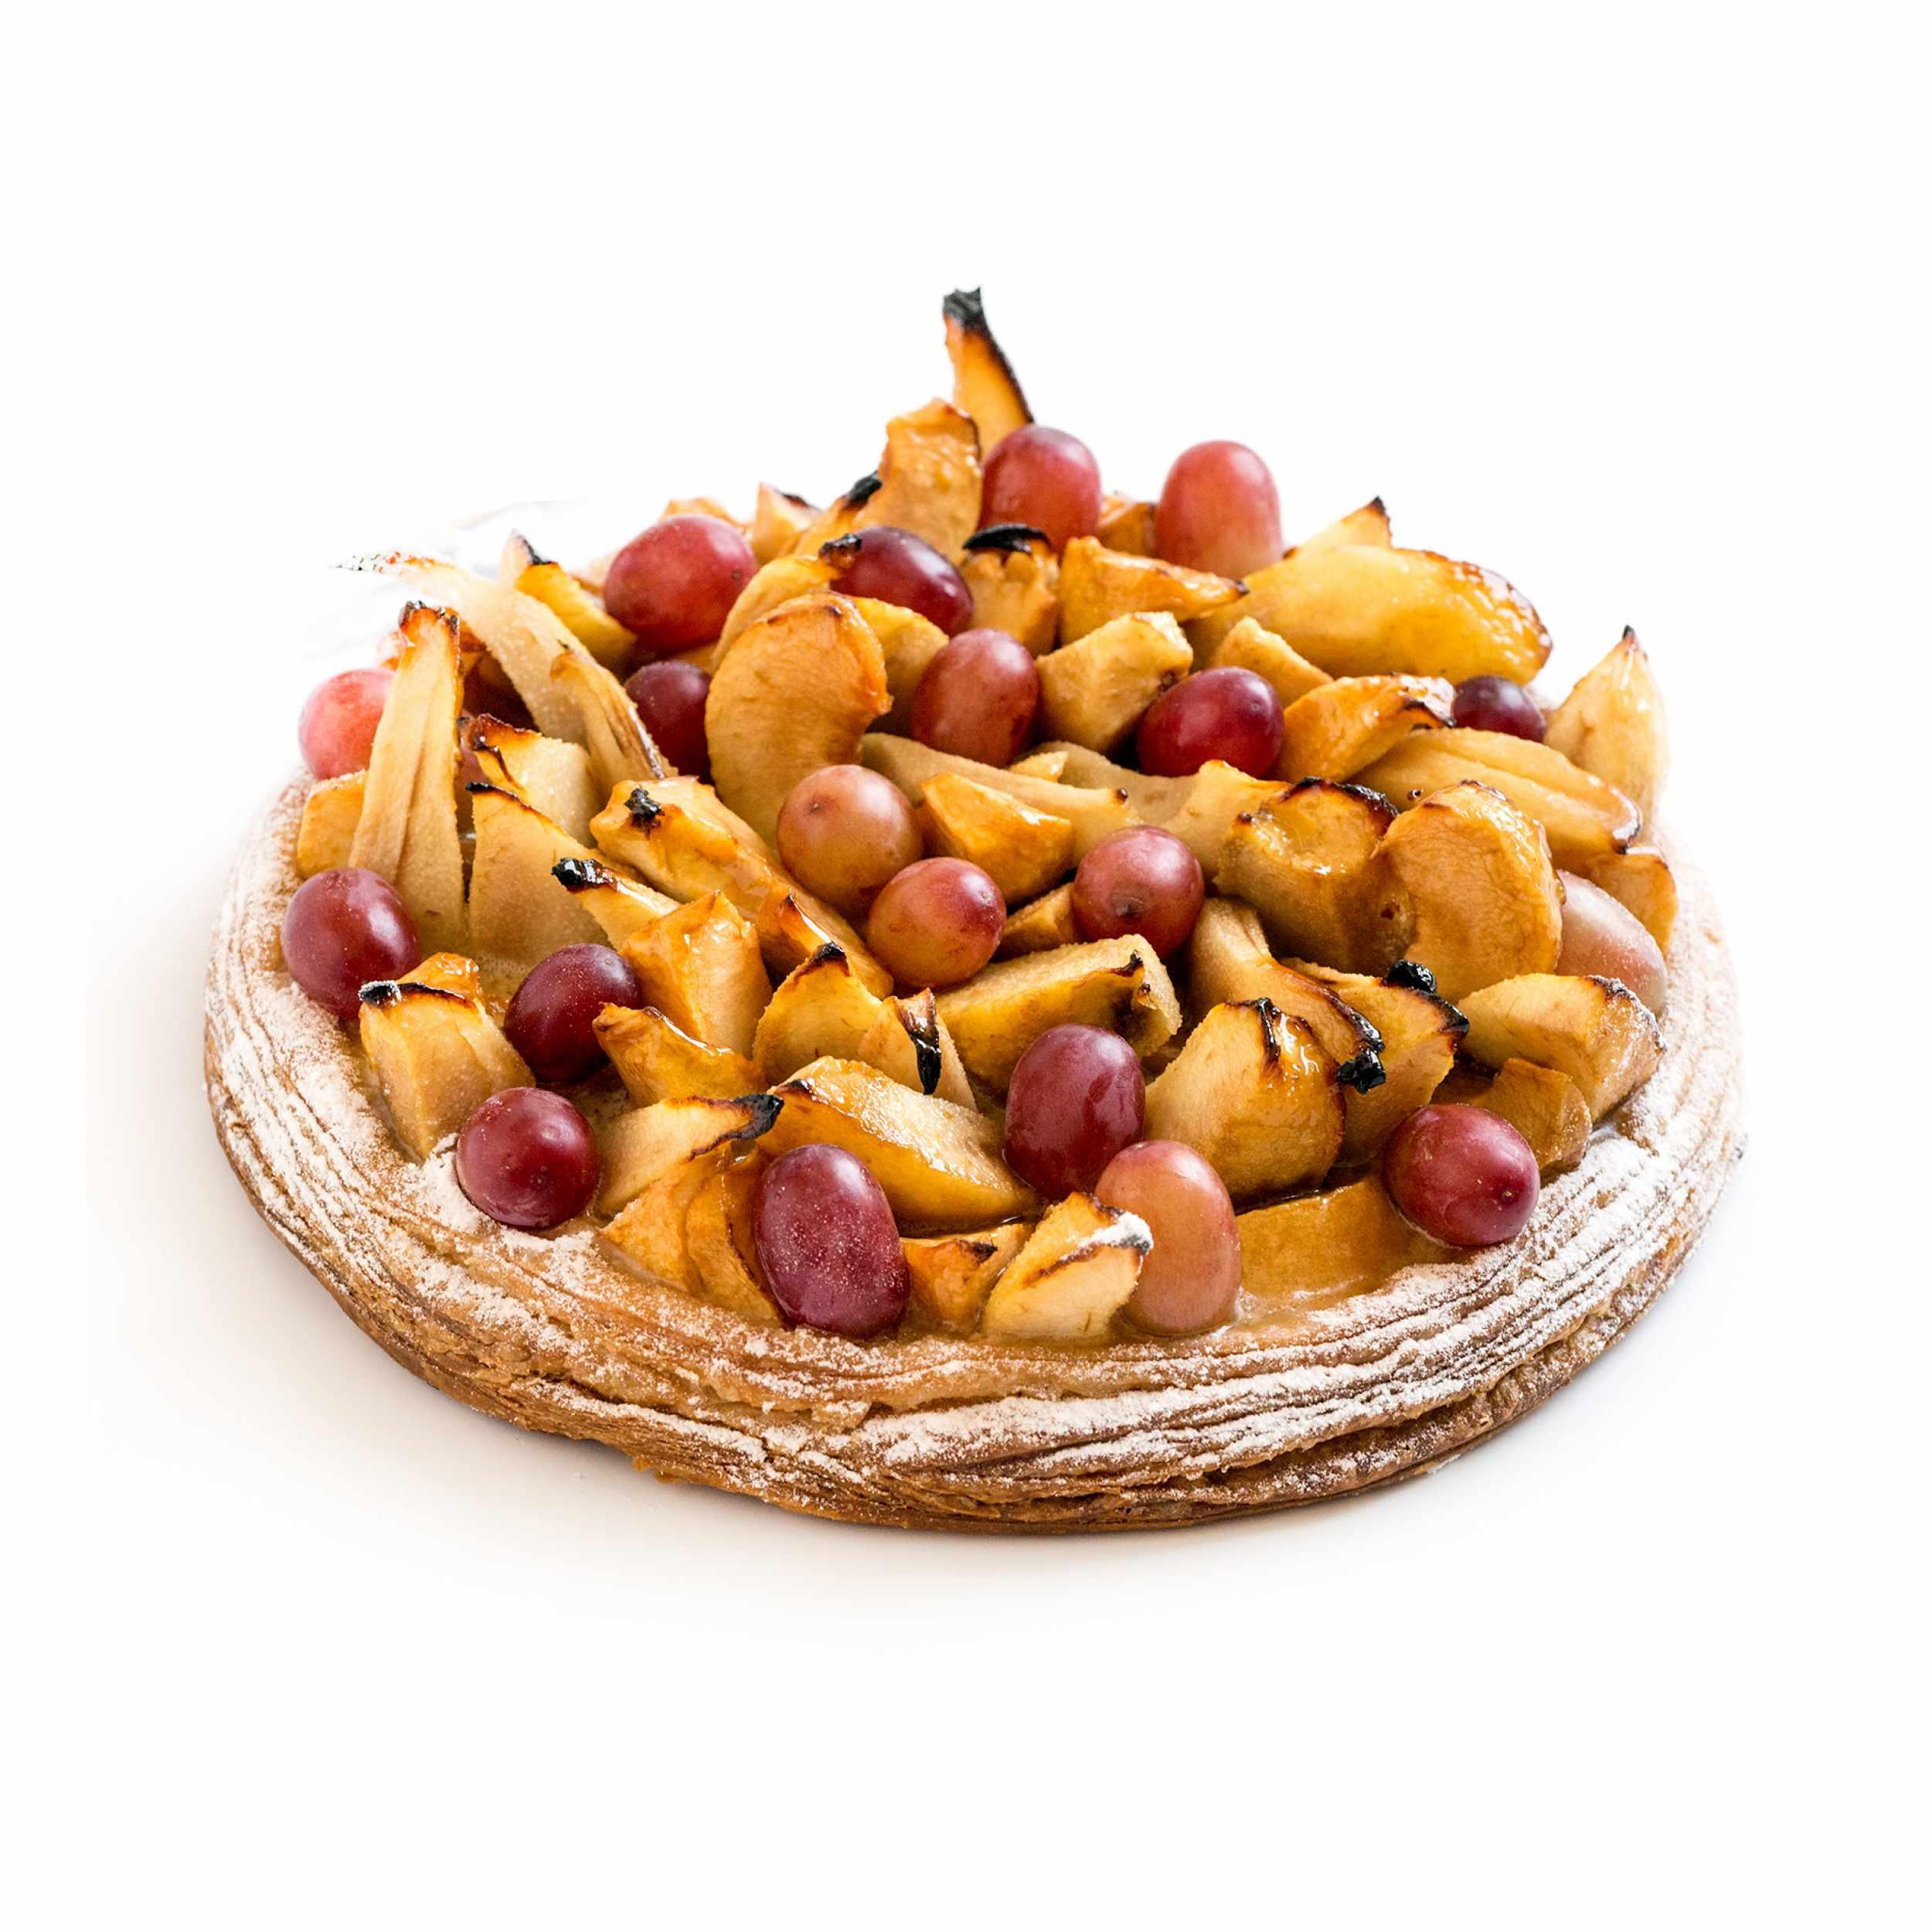 tarte-feuillete-pomme-poire-raisin.jpg